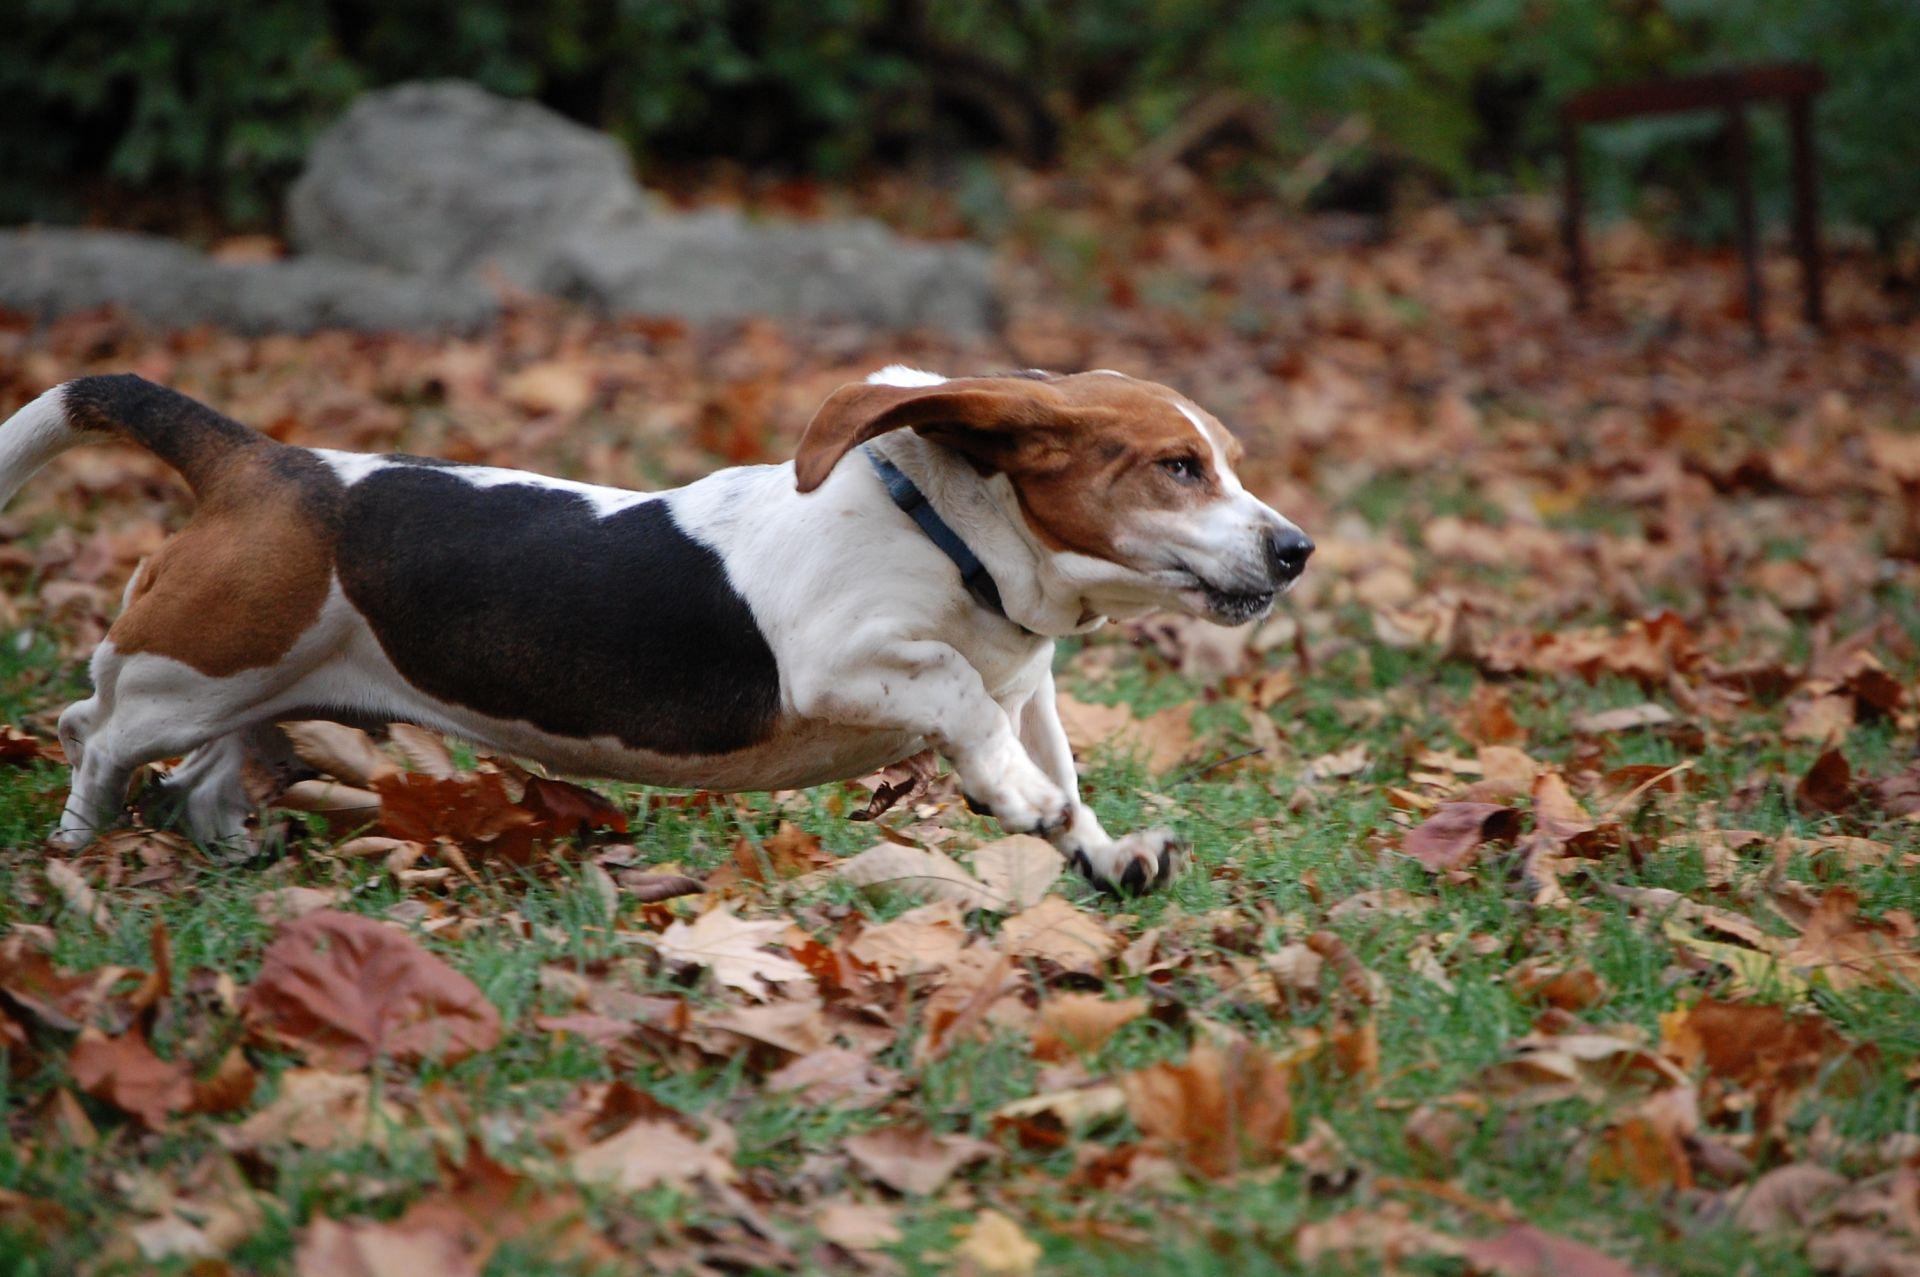 running-dog-1346224